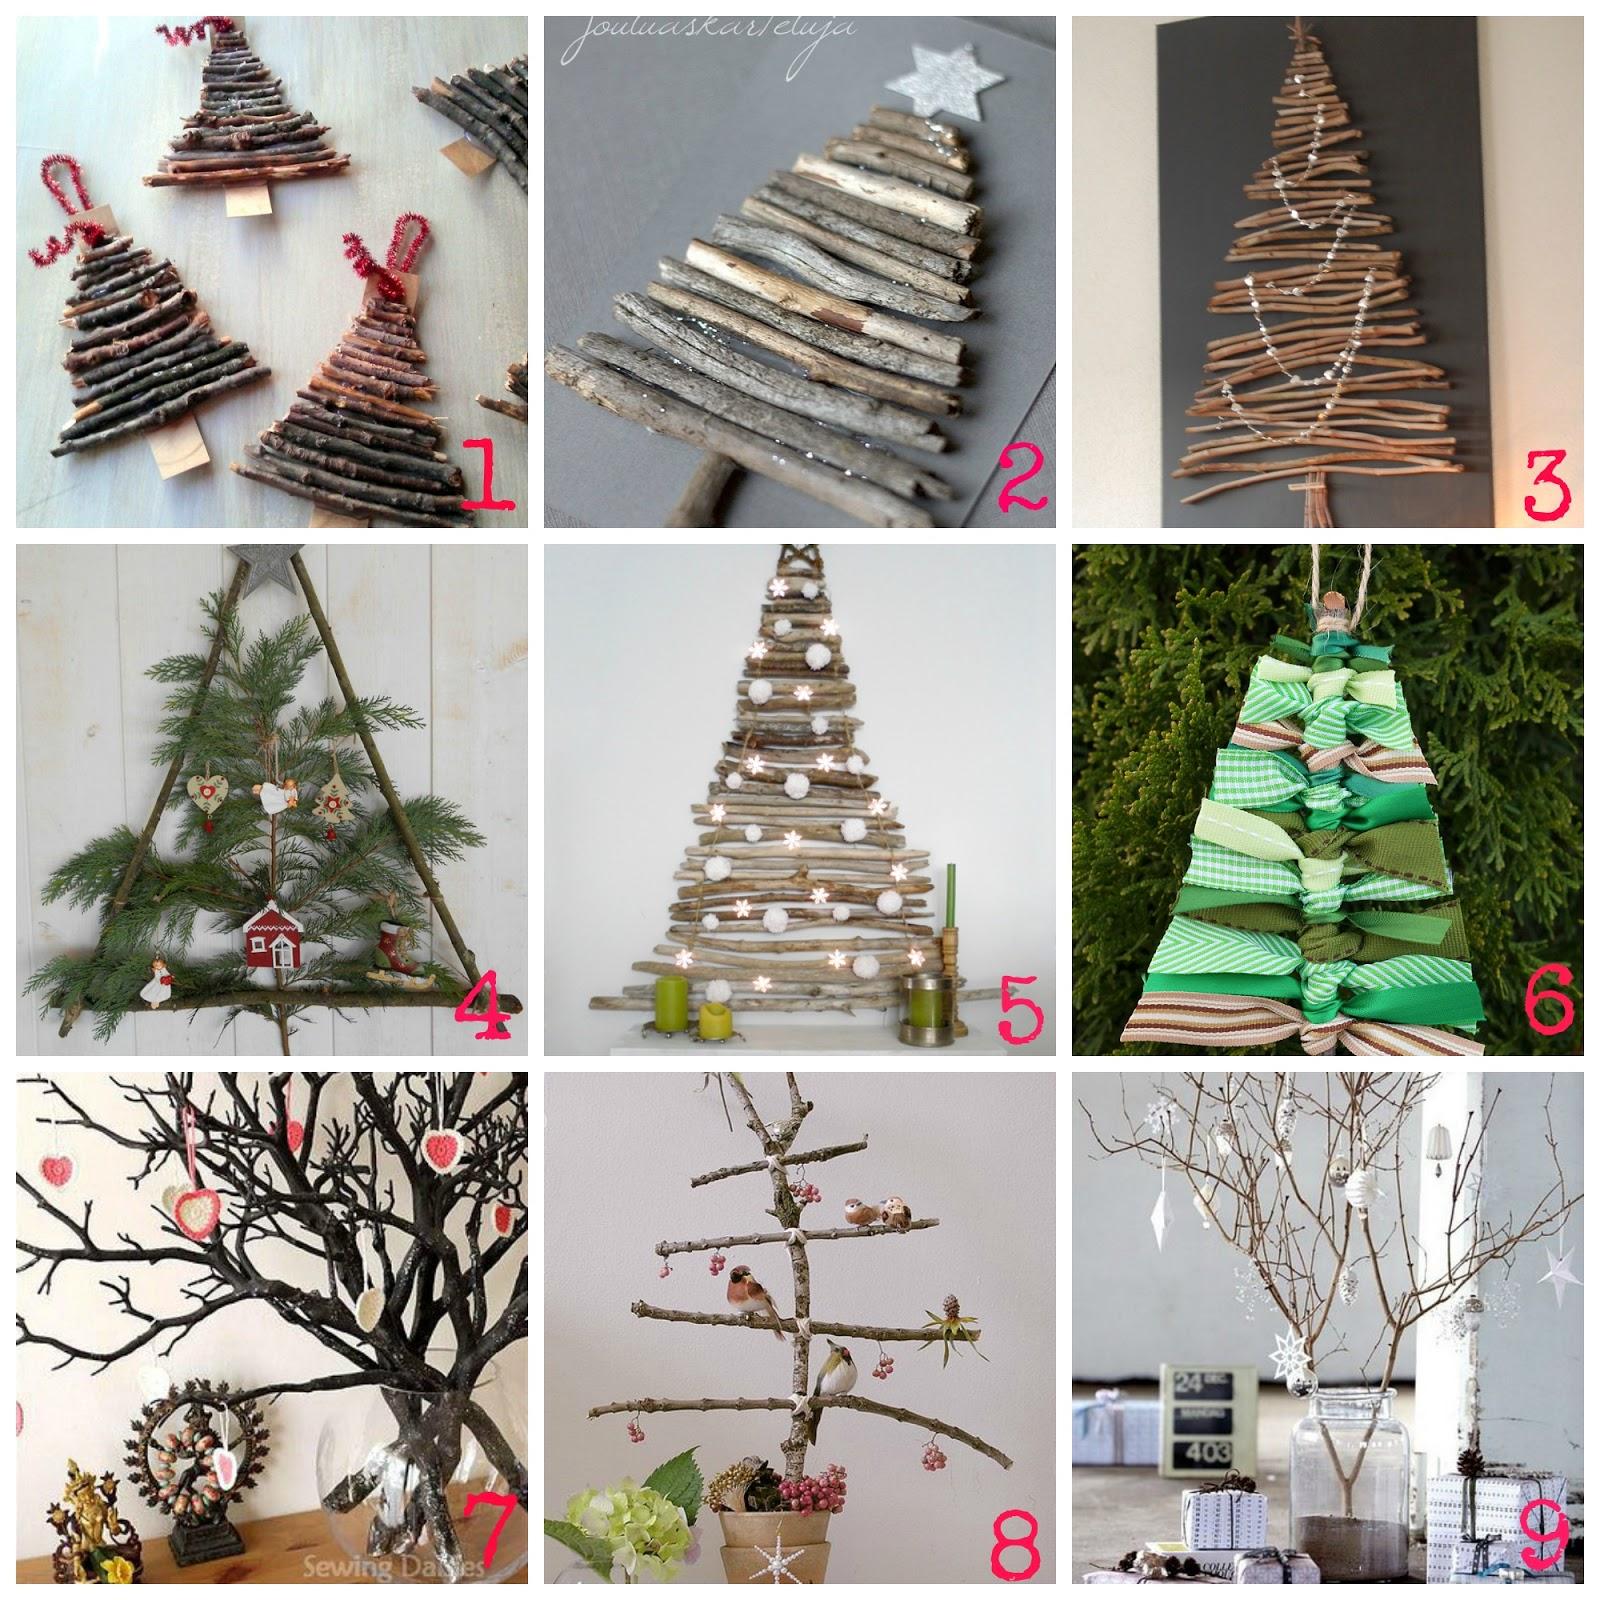 Decorazioni di natale fai da te con i rami secchi - Decorazioni natalizie legno fai da te ...